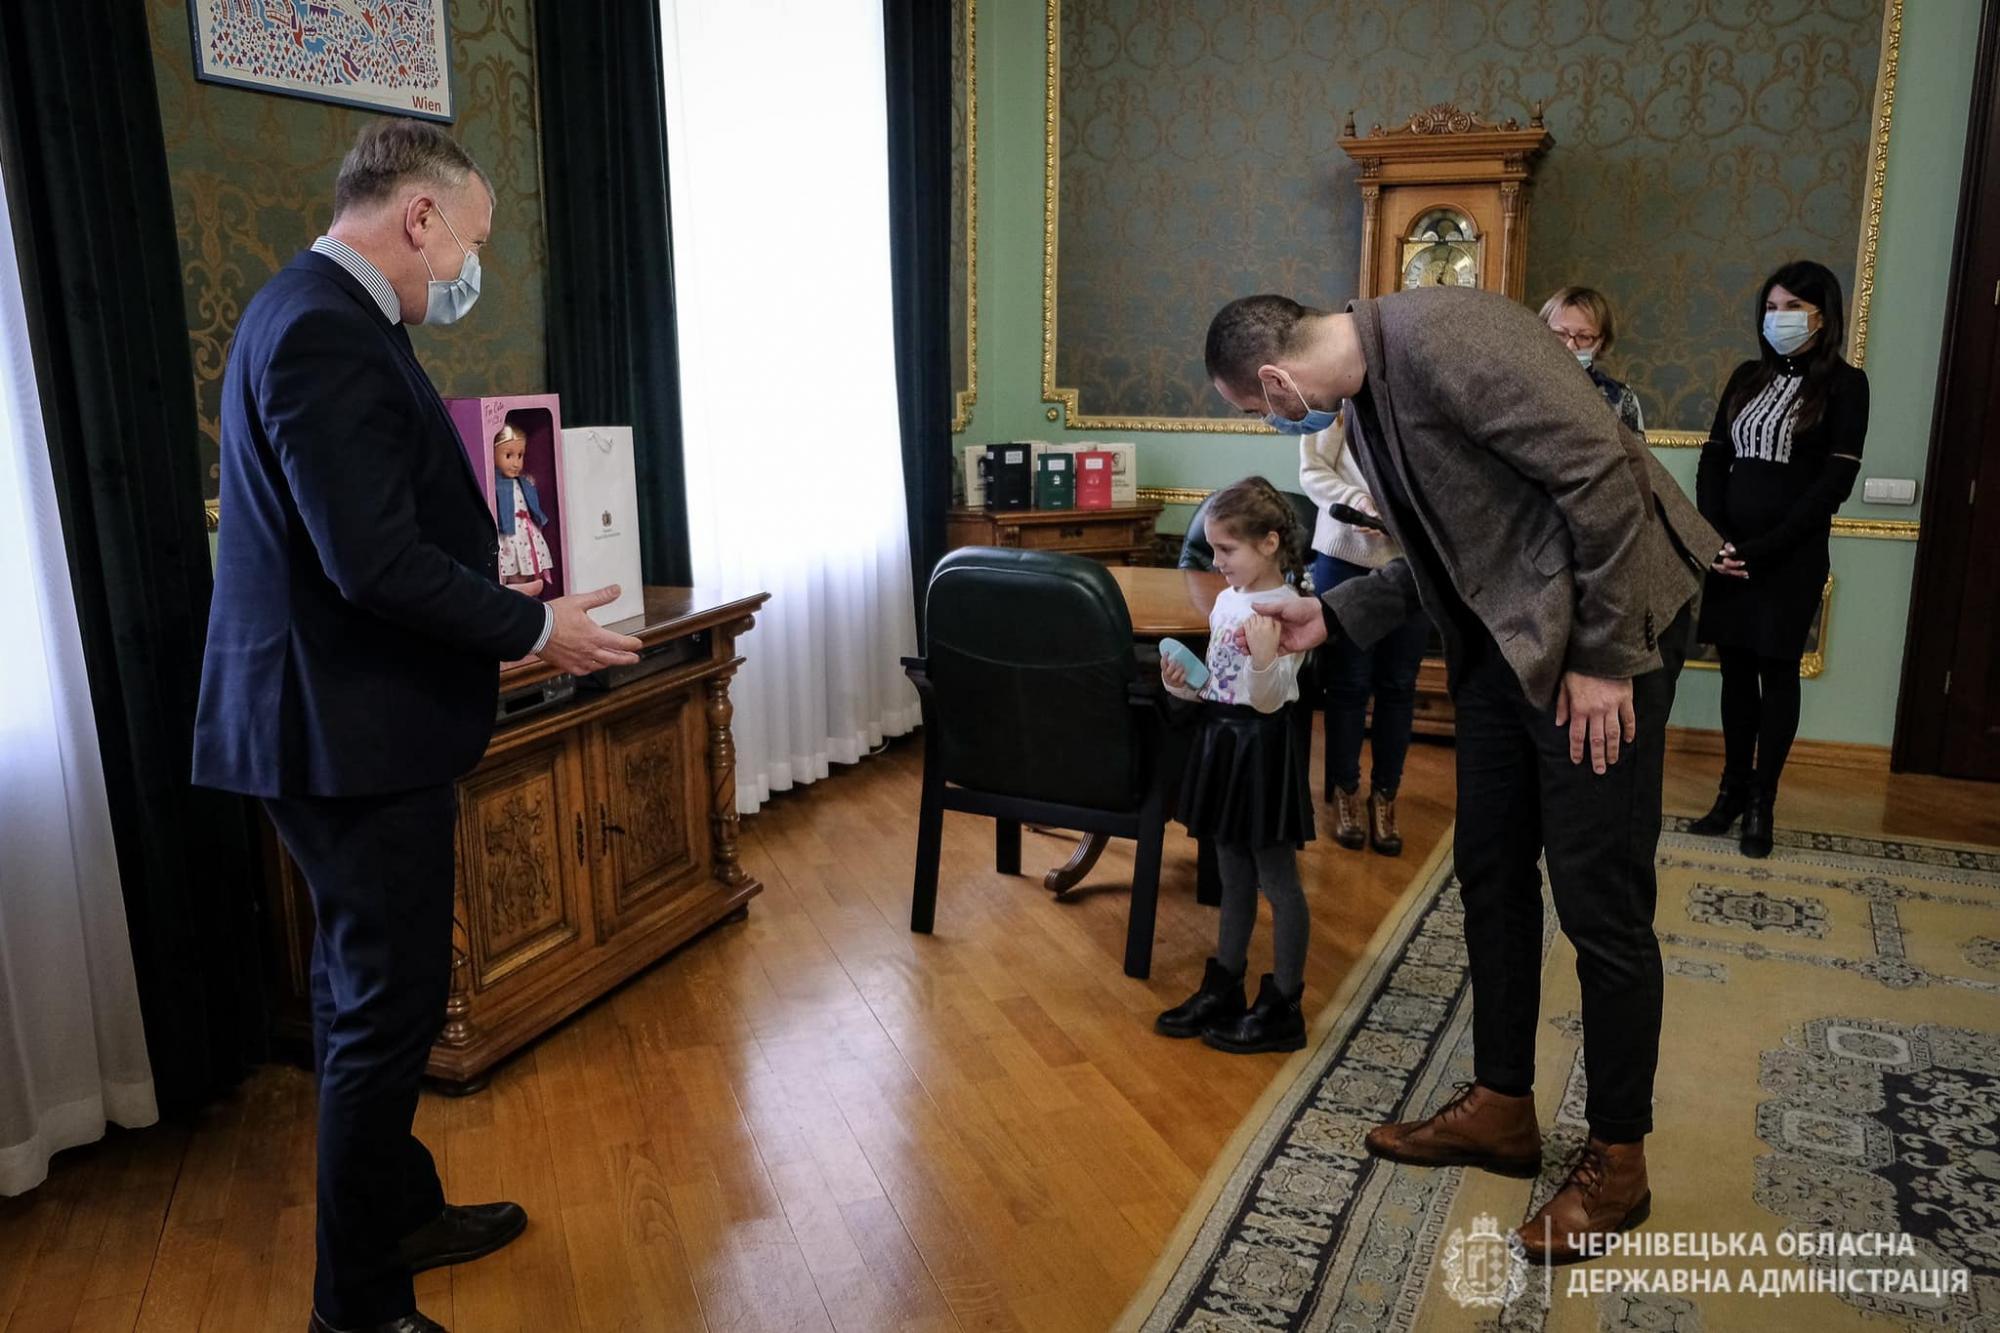 У садку привселюдно принизили дитину: Зеленський втрутився в гучний скандал